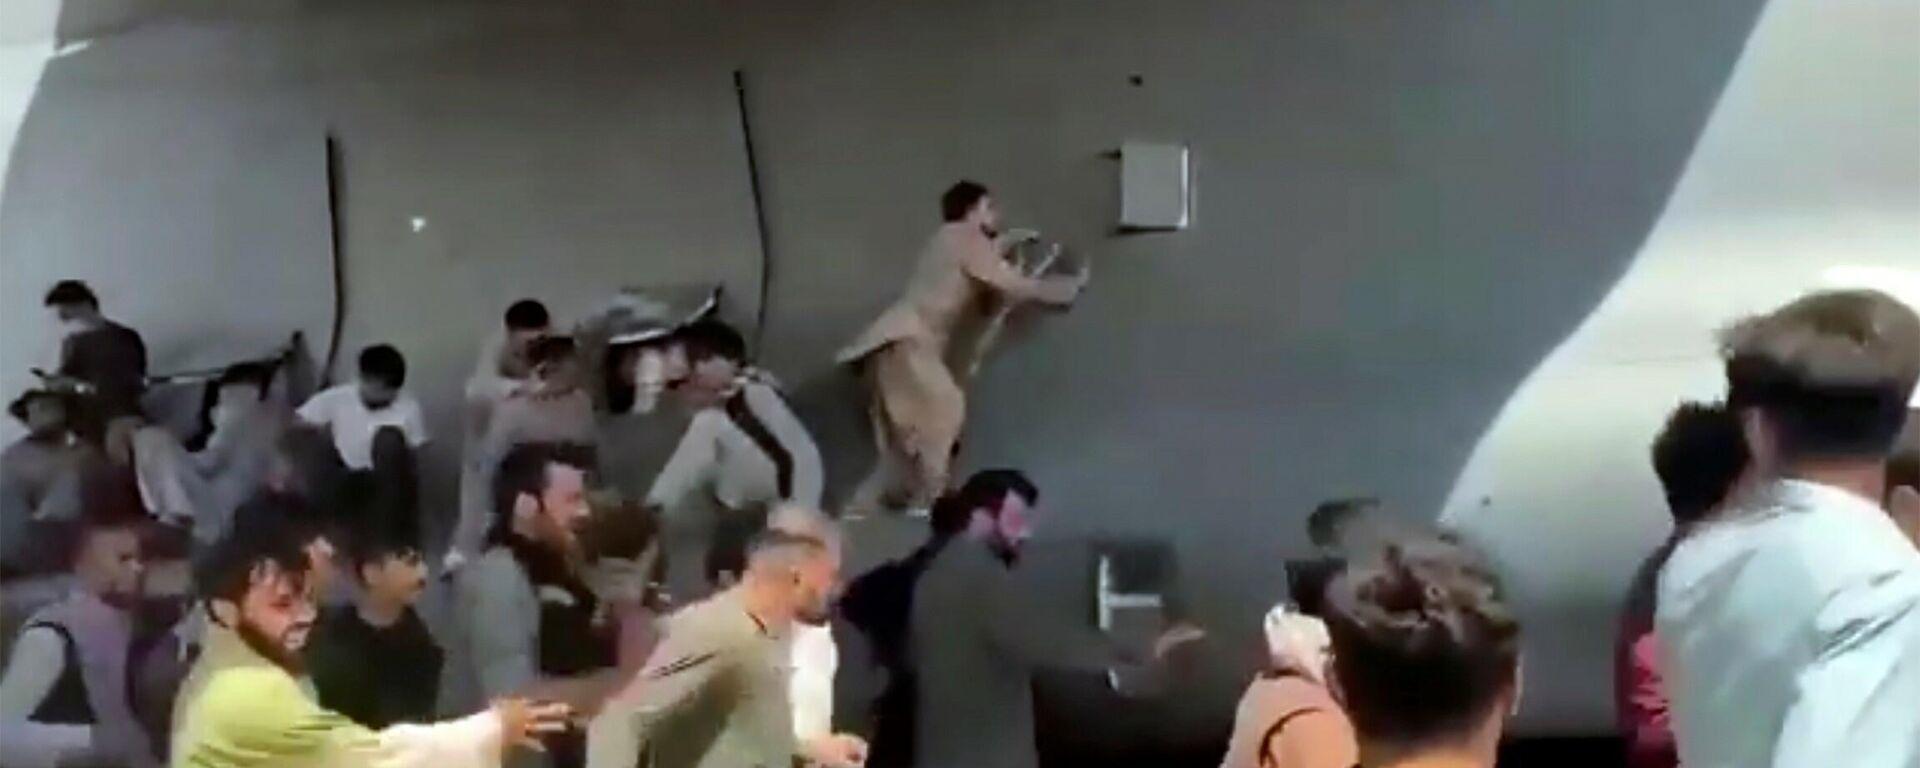 Avganistanci pokušavaju da se ukrcaju u avion u pokretu - Sputnik Srbija, 1920, 17.08.2021